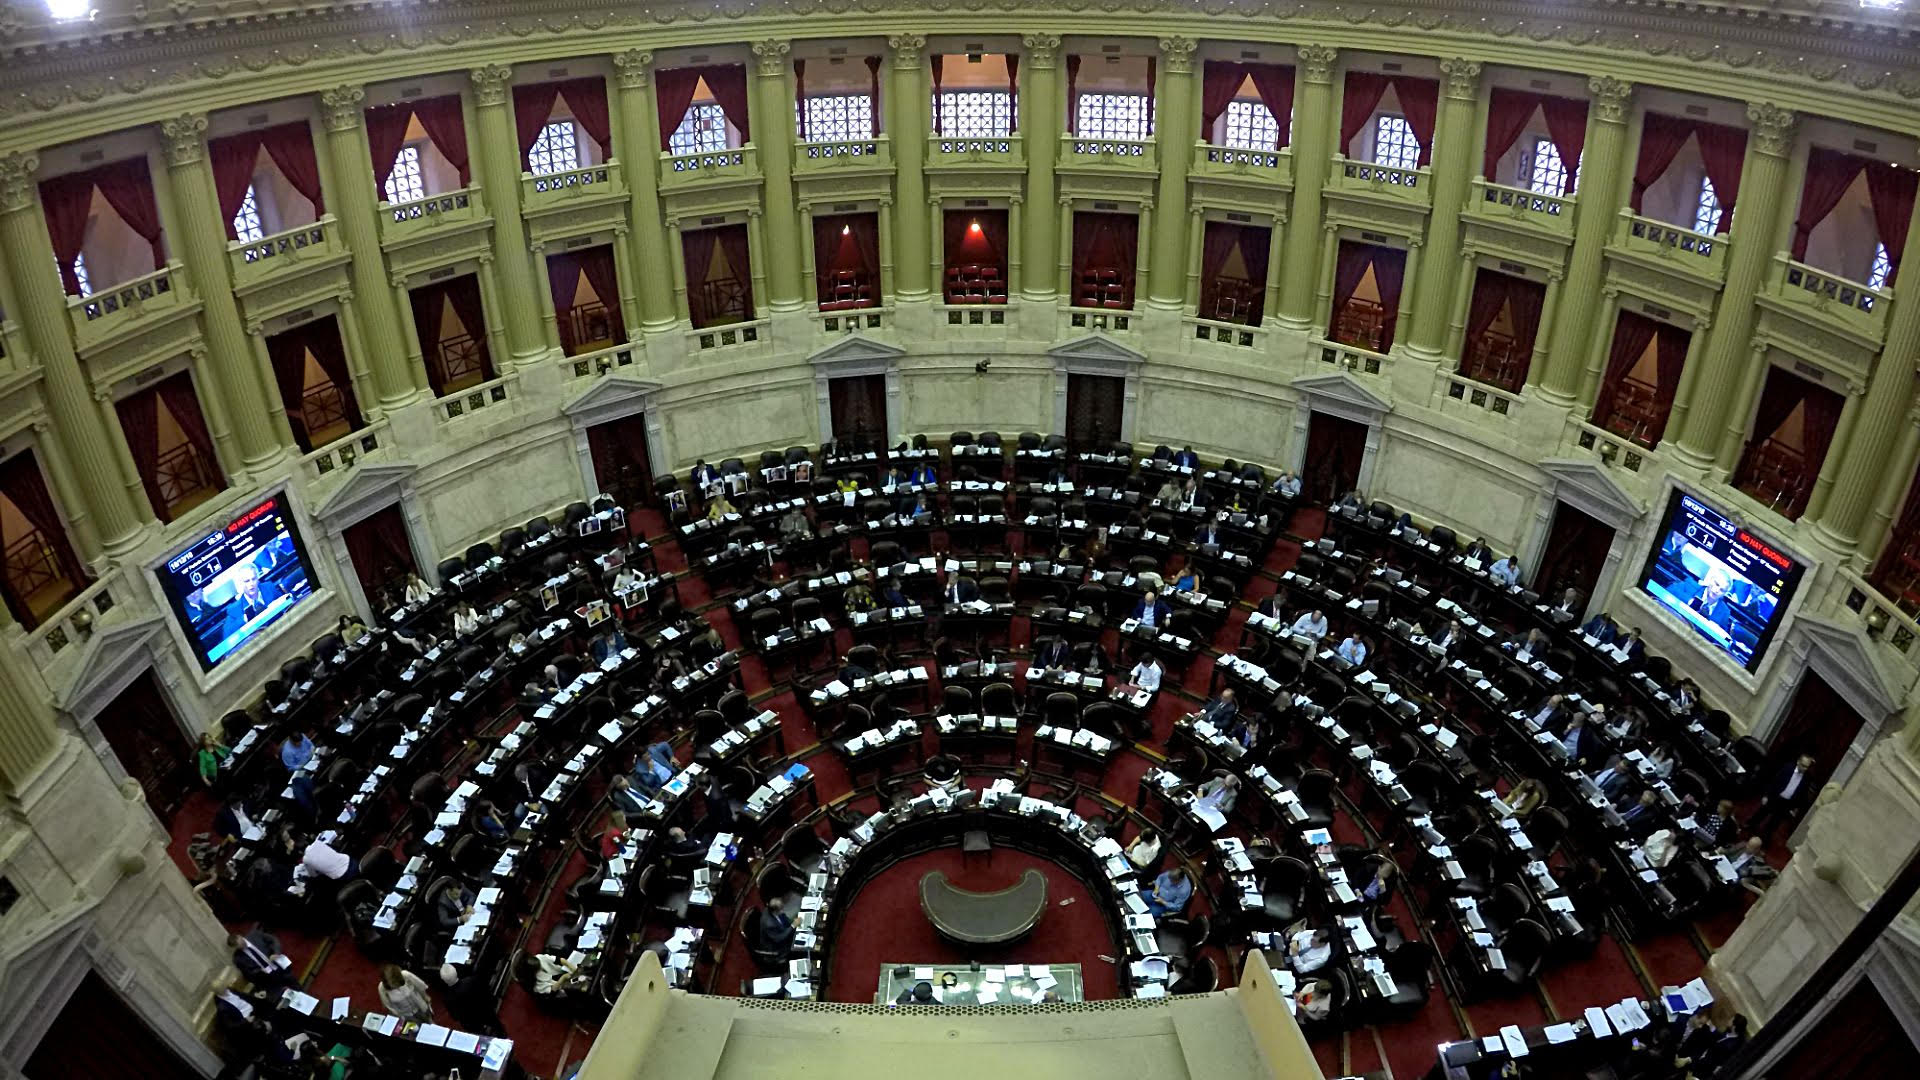 Se espera que el Congreso tenga menos actividad por el año electoral (Gustavo Gavotti)